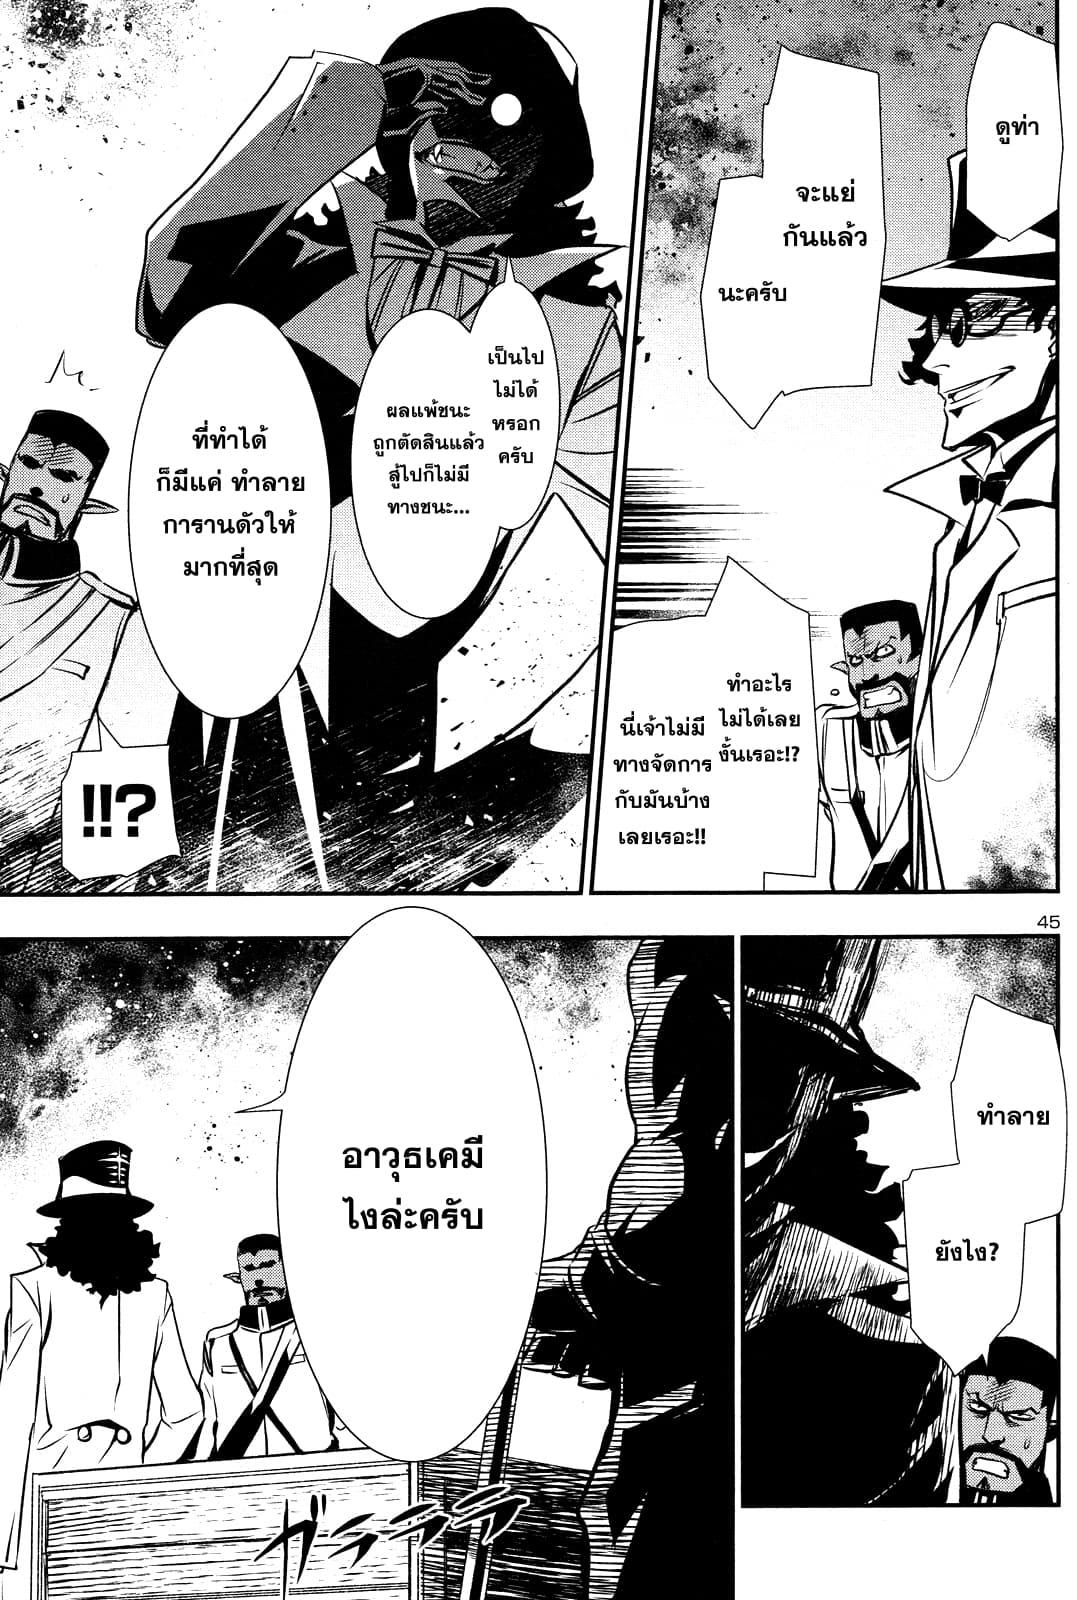 อ่านการ์ตูน Shinju no Nectar ตอนที่ 12 หน้าที่ 44